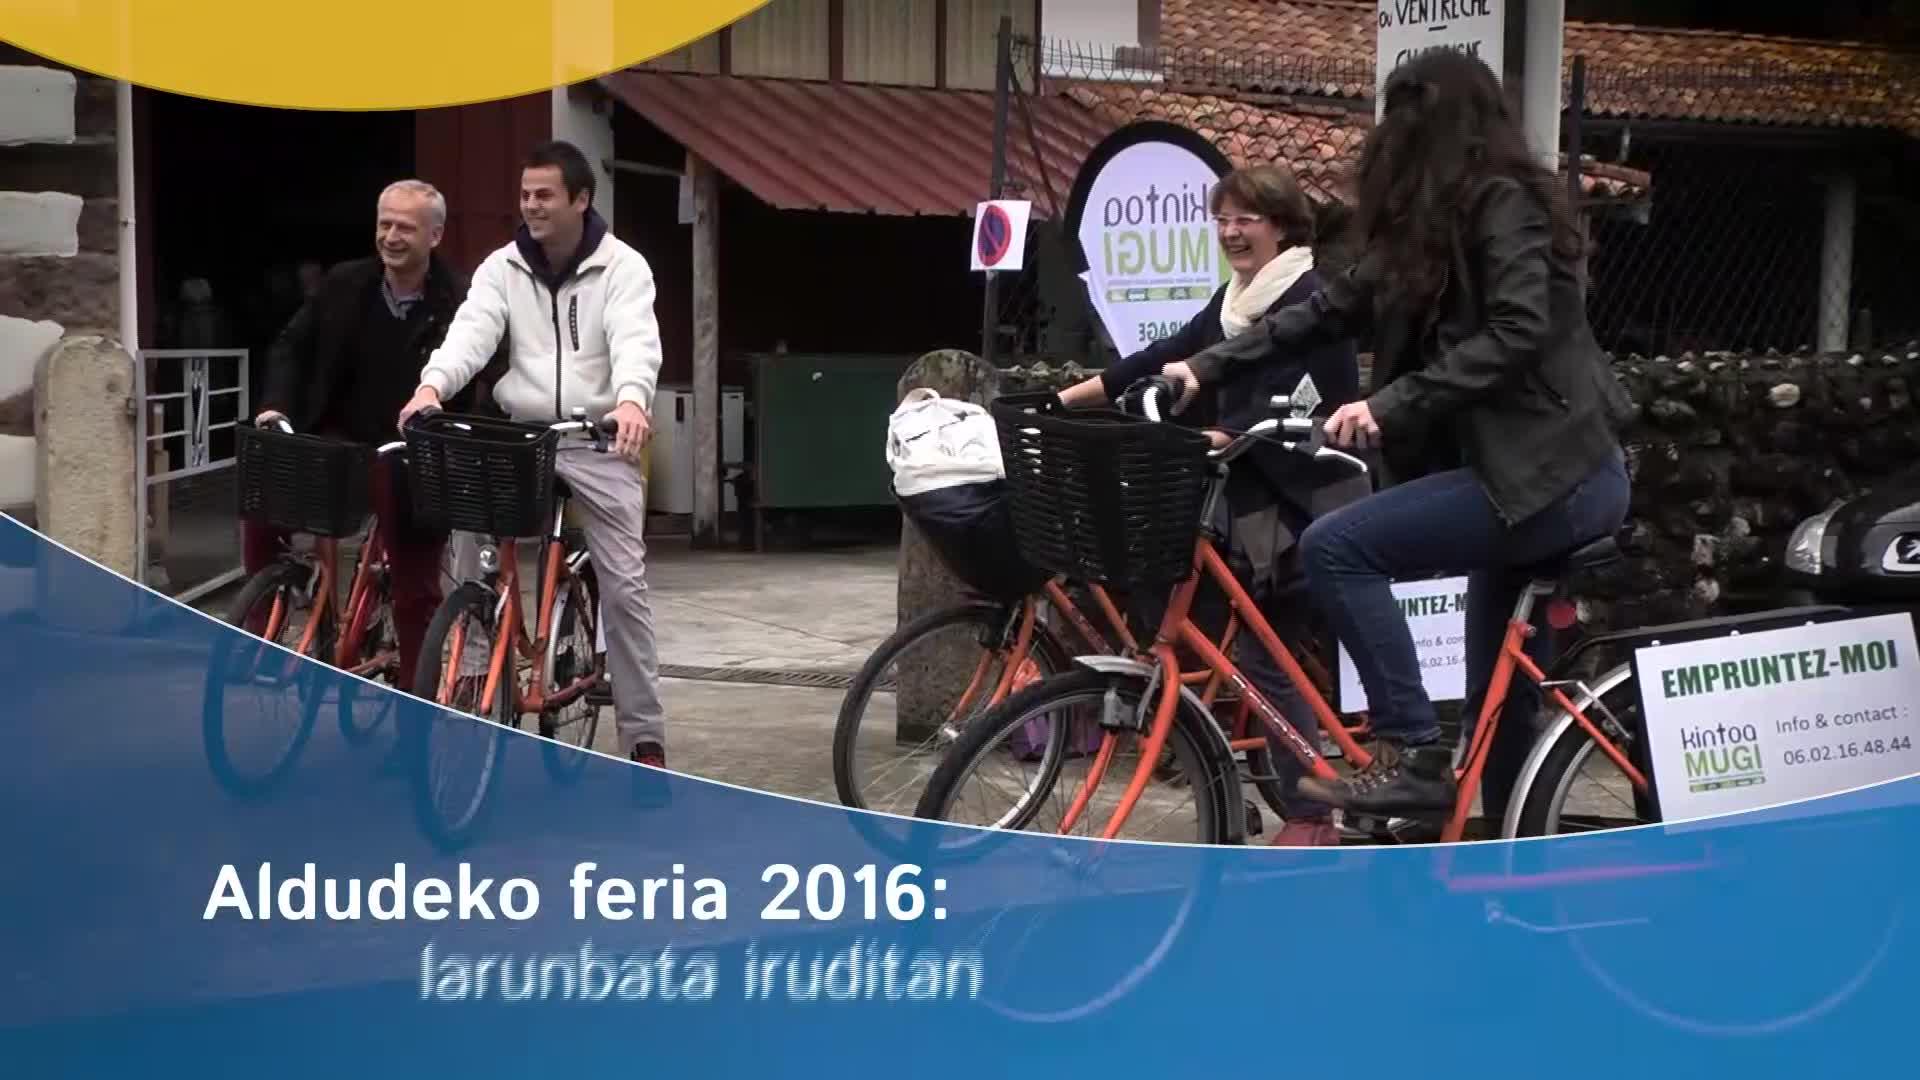 Aldudeko Feria 2016: larunbata iruditan